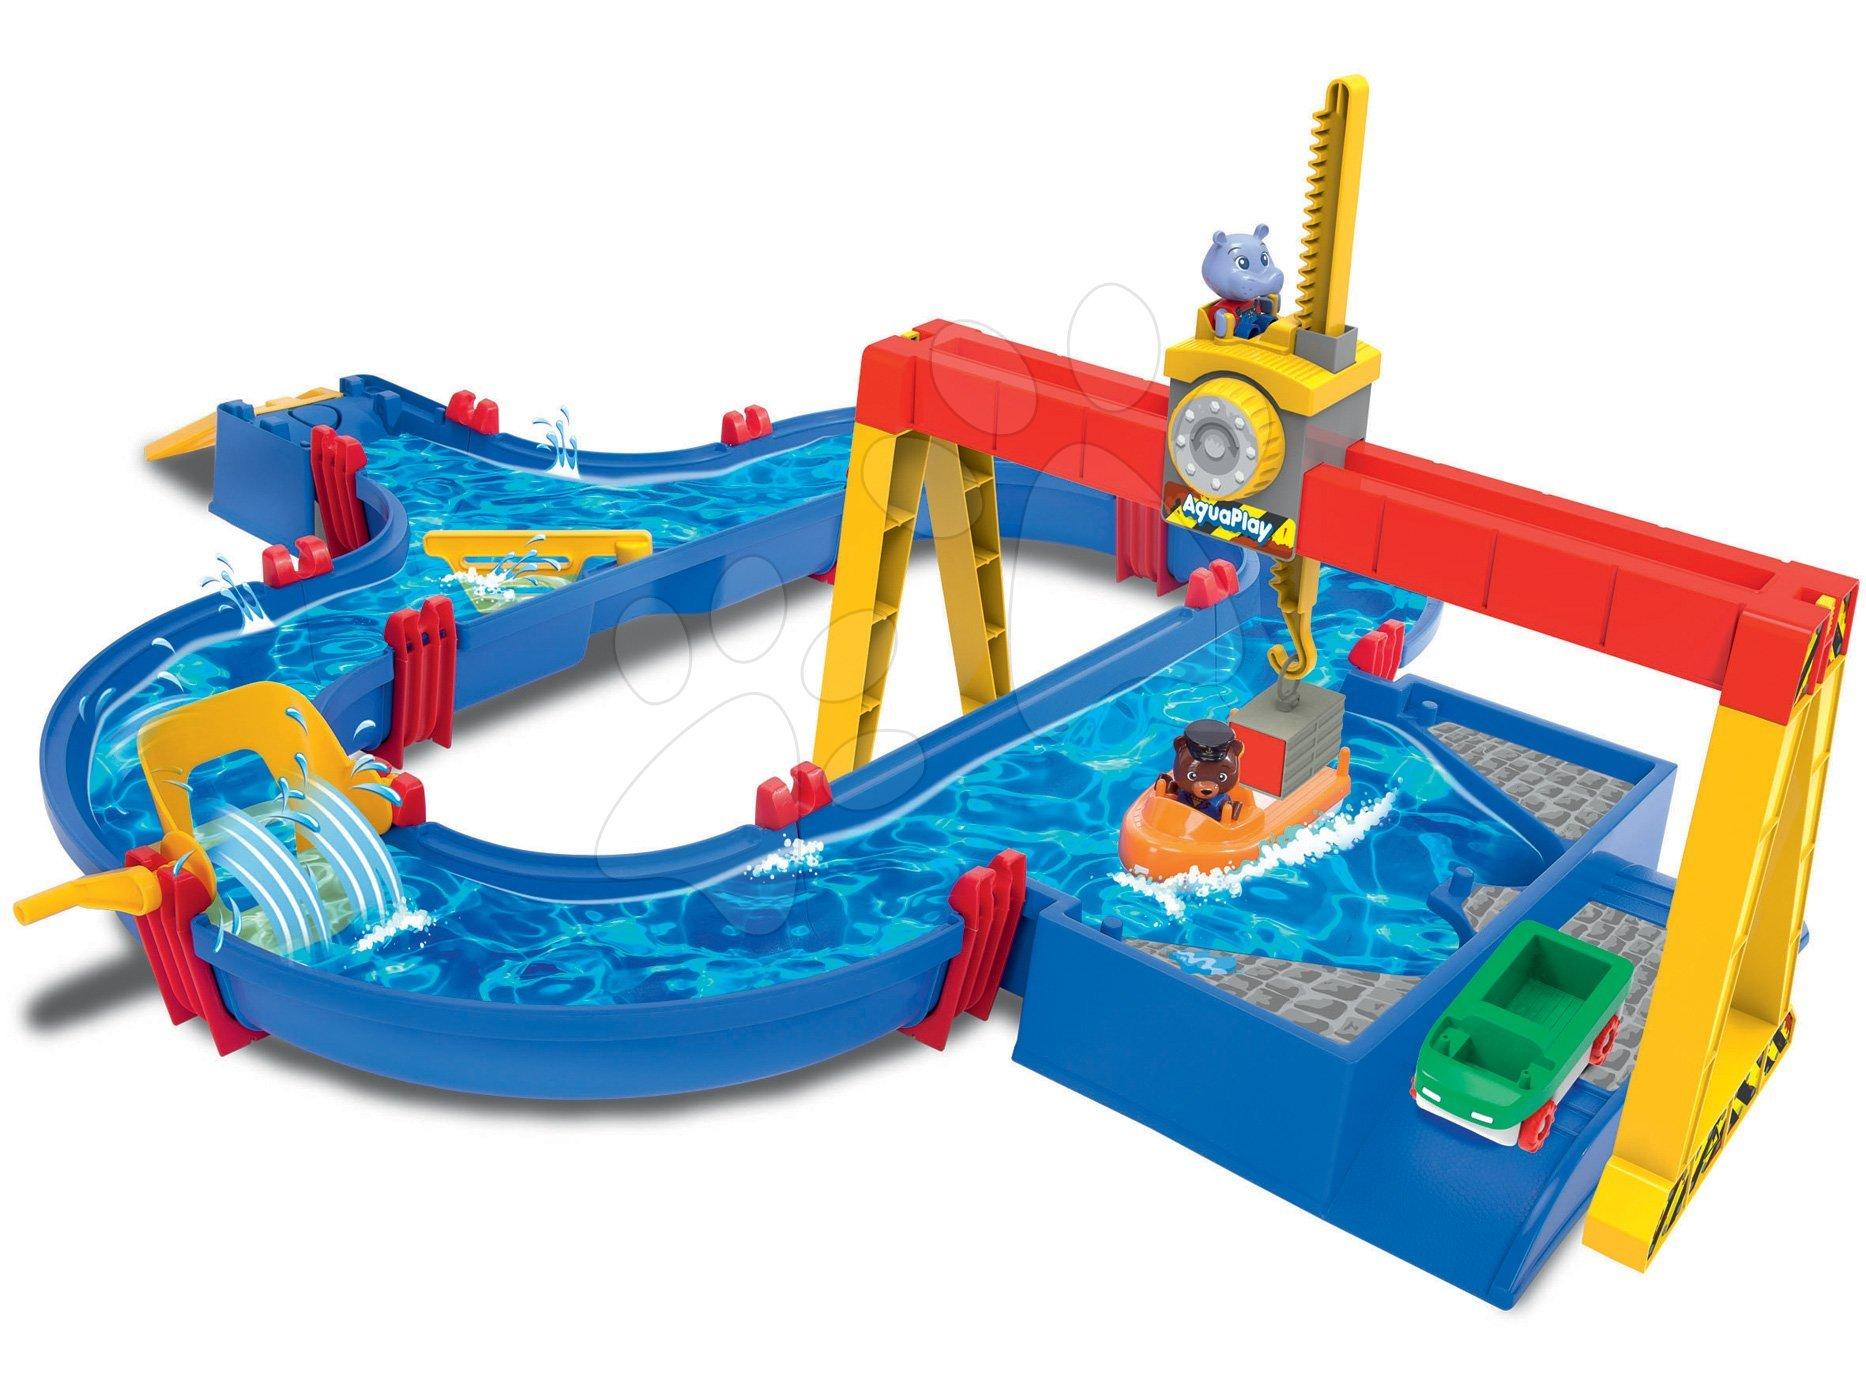 Vodná dráha Aquaplay Container Port s pohyblivým kontajnerovým žeriavom s 2 figúrkami a mlynom